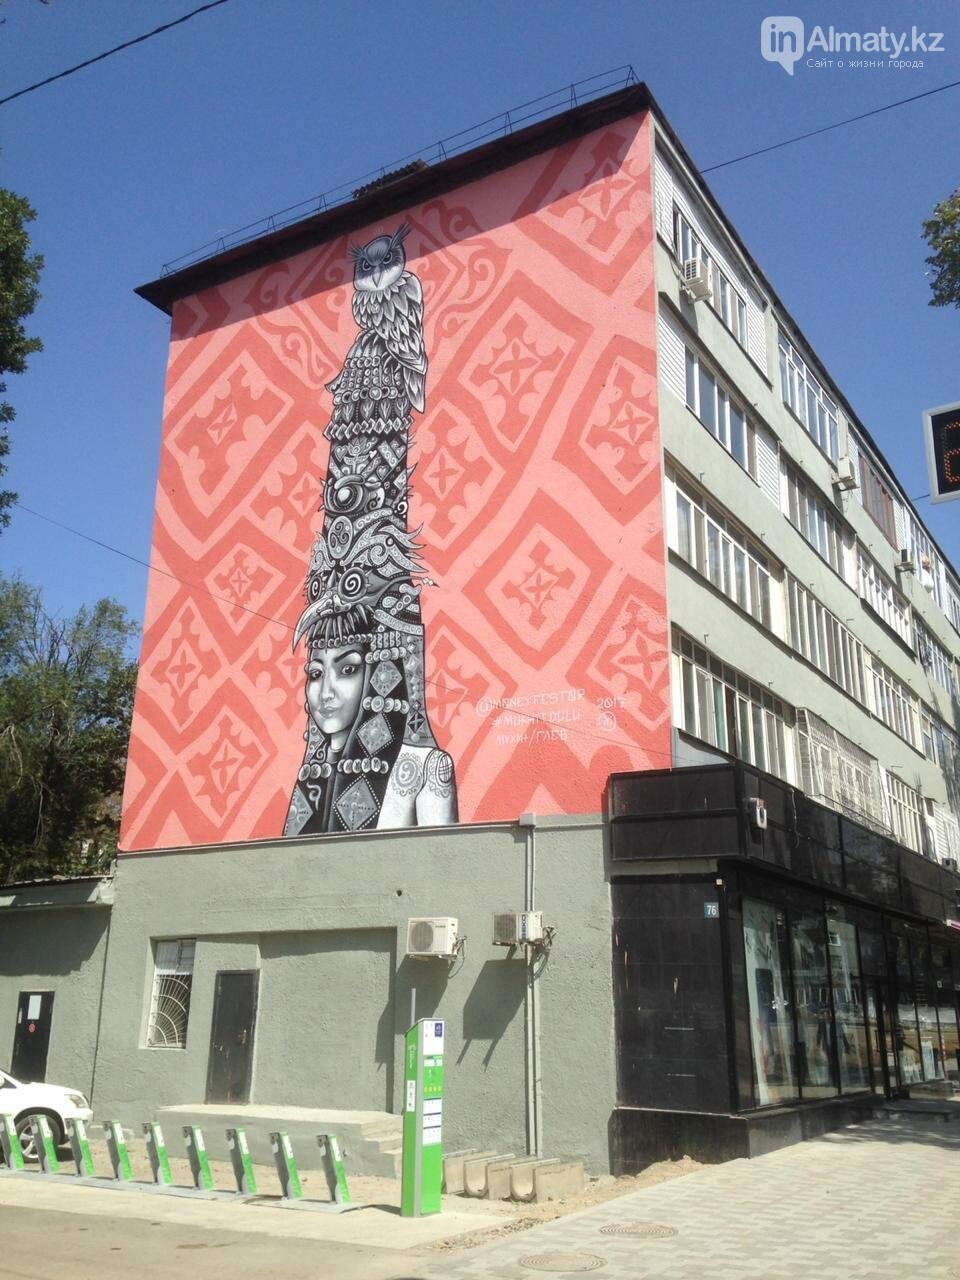 «Рисовать на фасаде бывает страшно»: художник Мухит Дулу о работе на фестивале муралов, фото-2